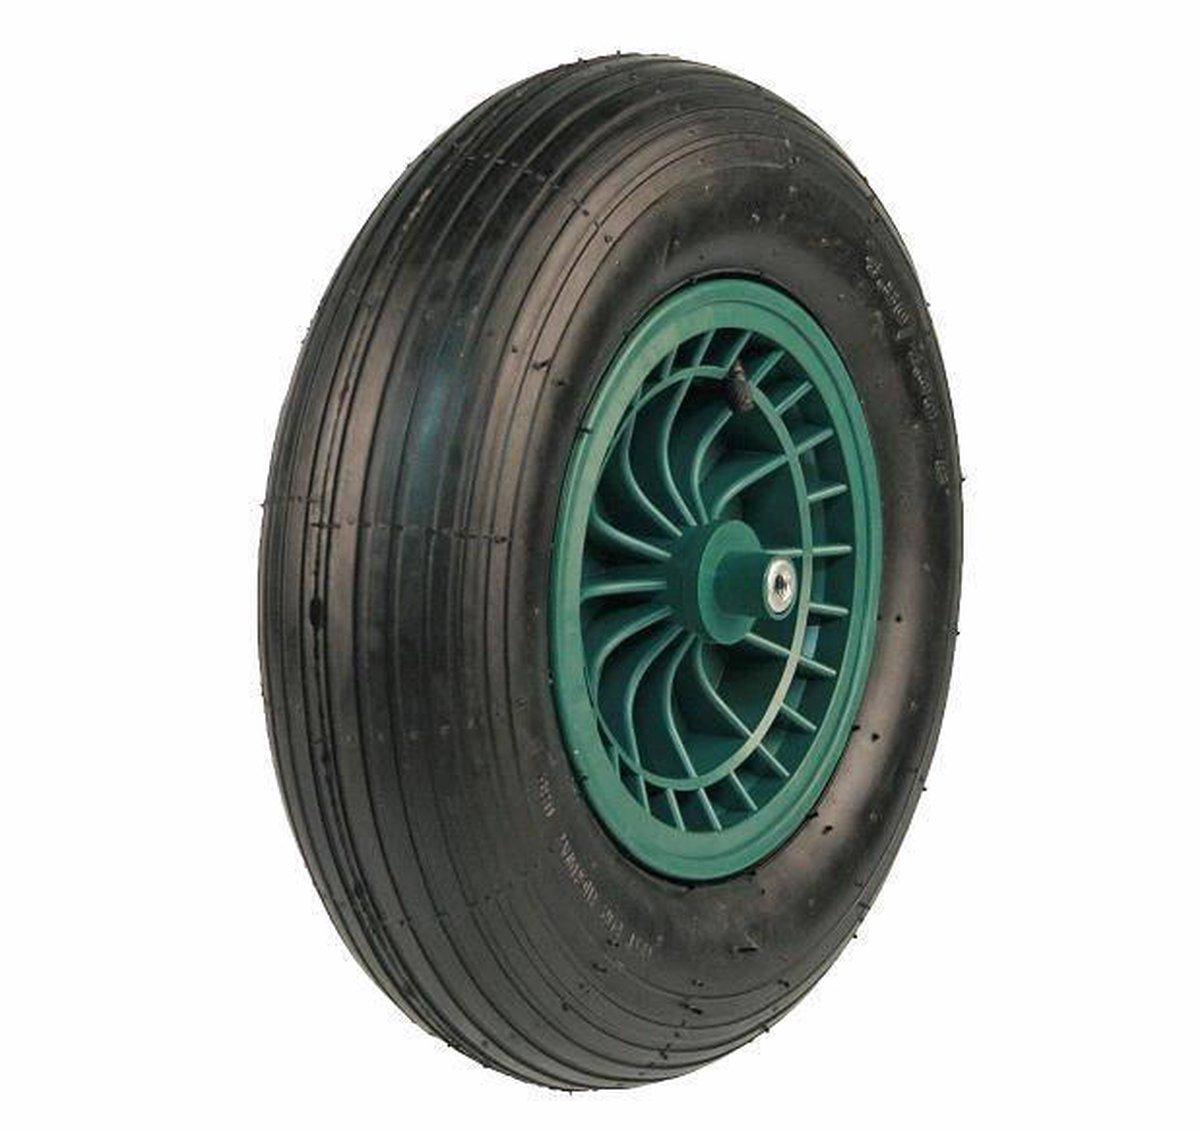 Kruiwagen Wiel 4.00 - 8 Luchtband Lijnprofiel - Asdiameter 20mm